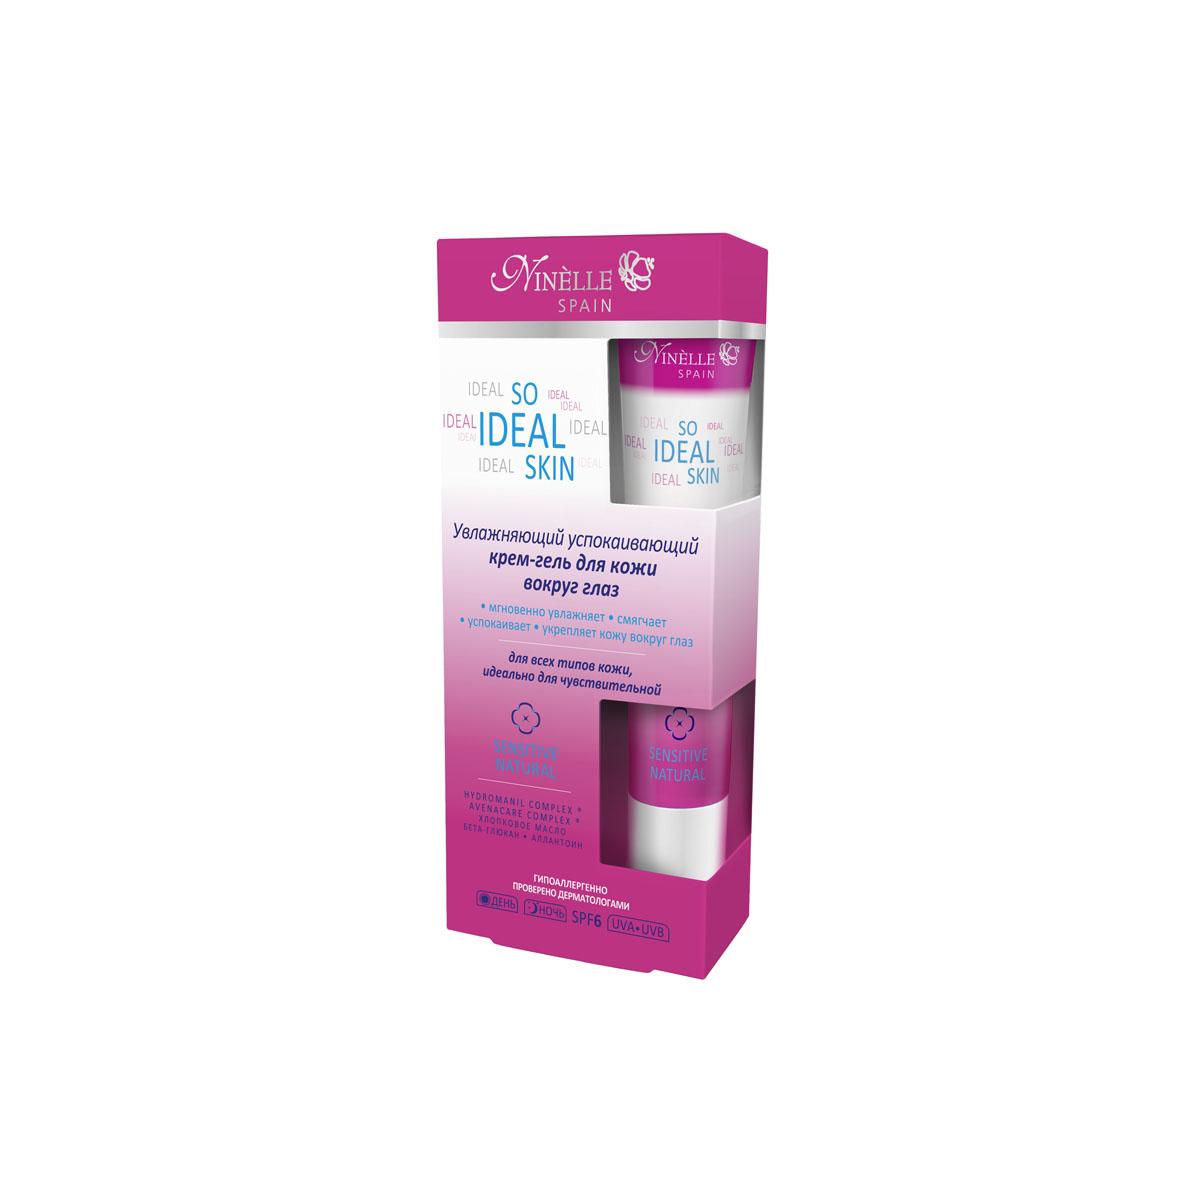 Ninelle So Ideal Skin Увлажняющий успокаивающий крем-гель для кожи вокруг глаз, 15 мл